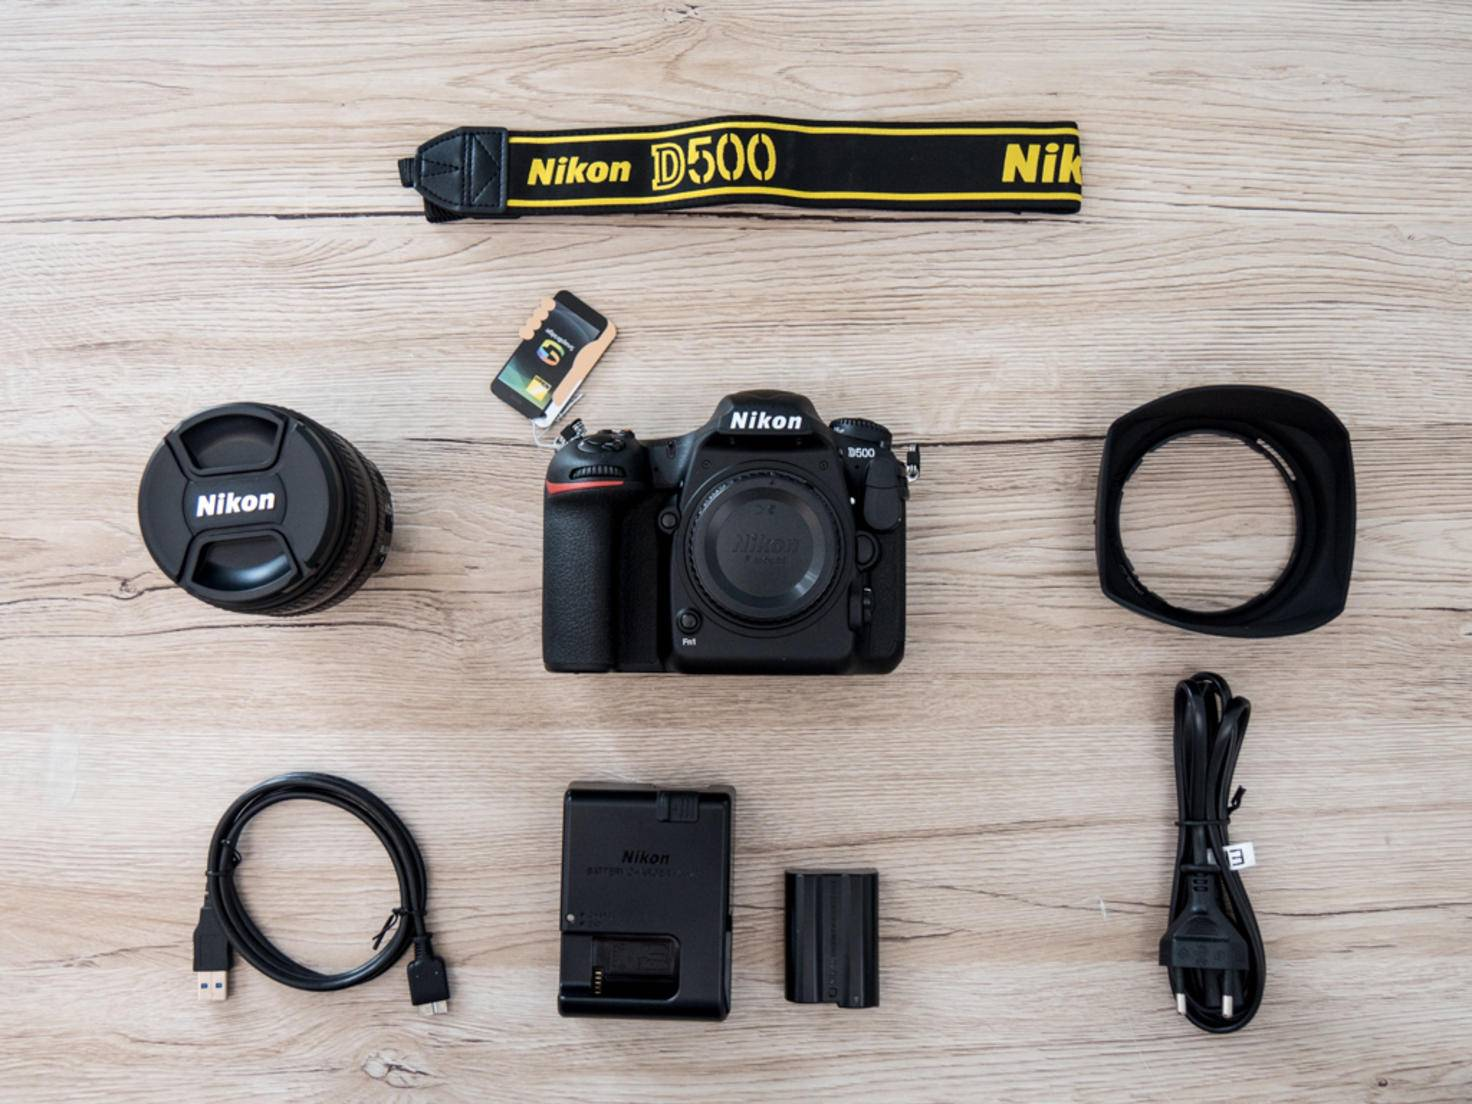 Die Nikon D500 wird mit dem üblichen Zubehör ausgeliefert ...